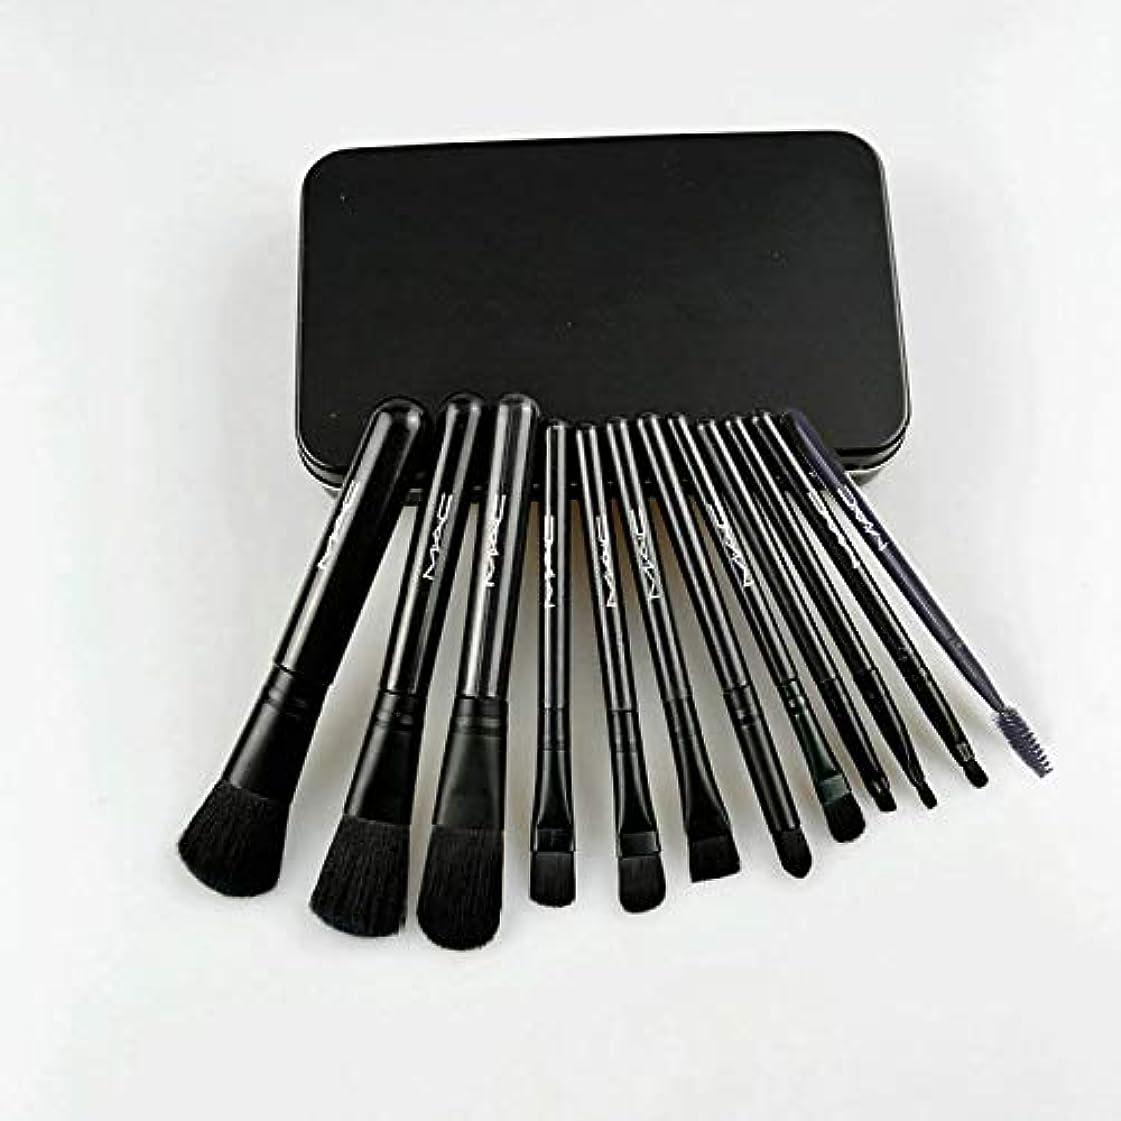 ケーブルカー忠実該当する[Huadoud]メイクブラシ セット 化粧筆 フェイスブラシ 化粧ブラシ 専用ボックス付き HZS-001